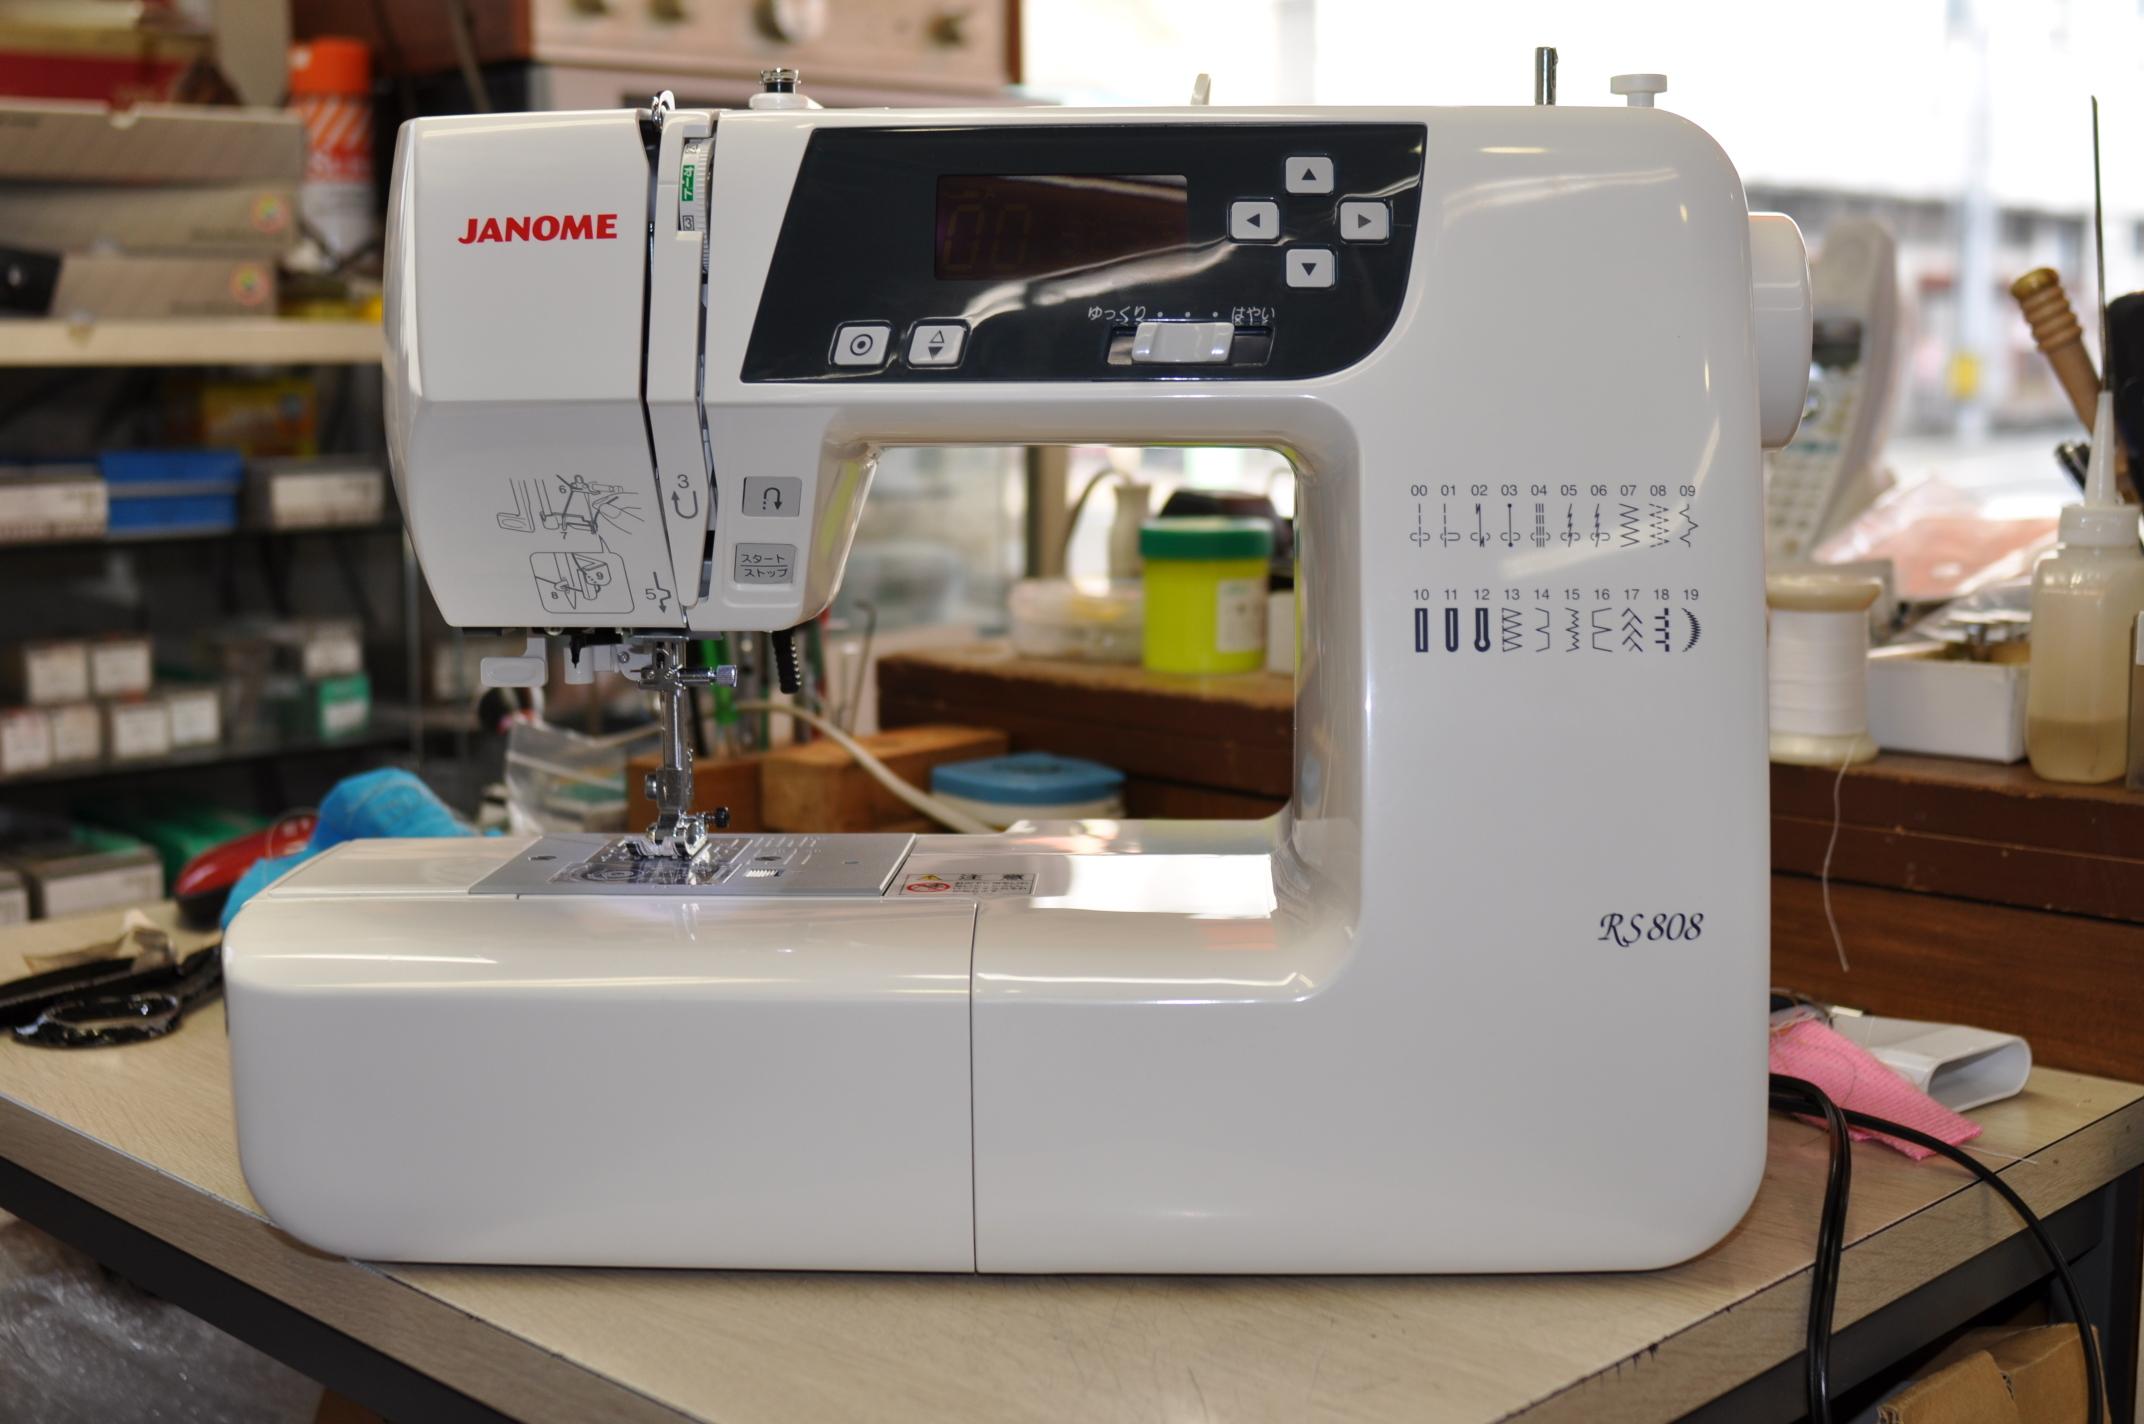 ジャノメRS808